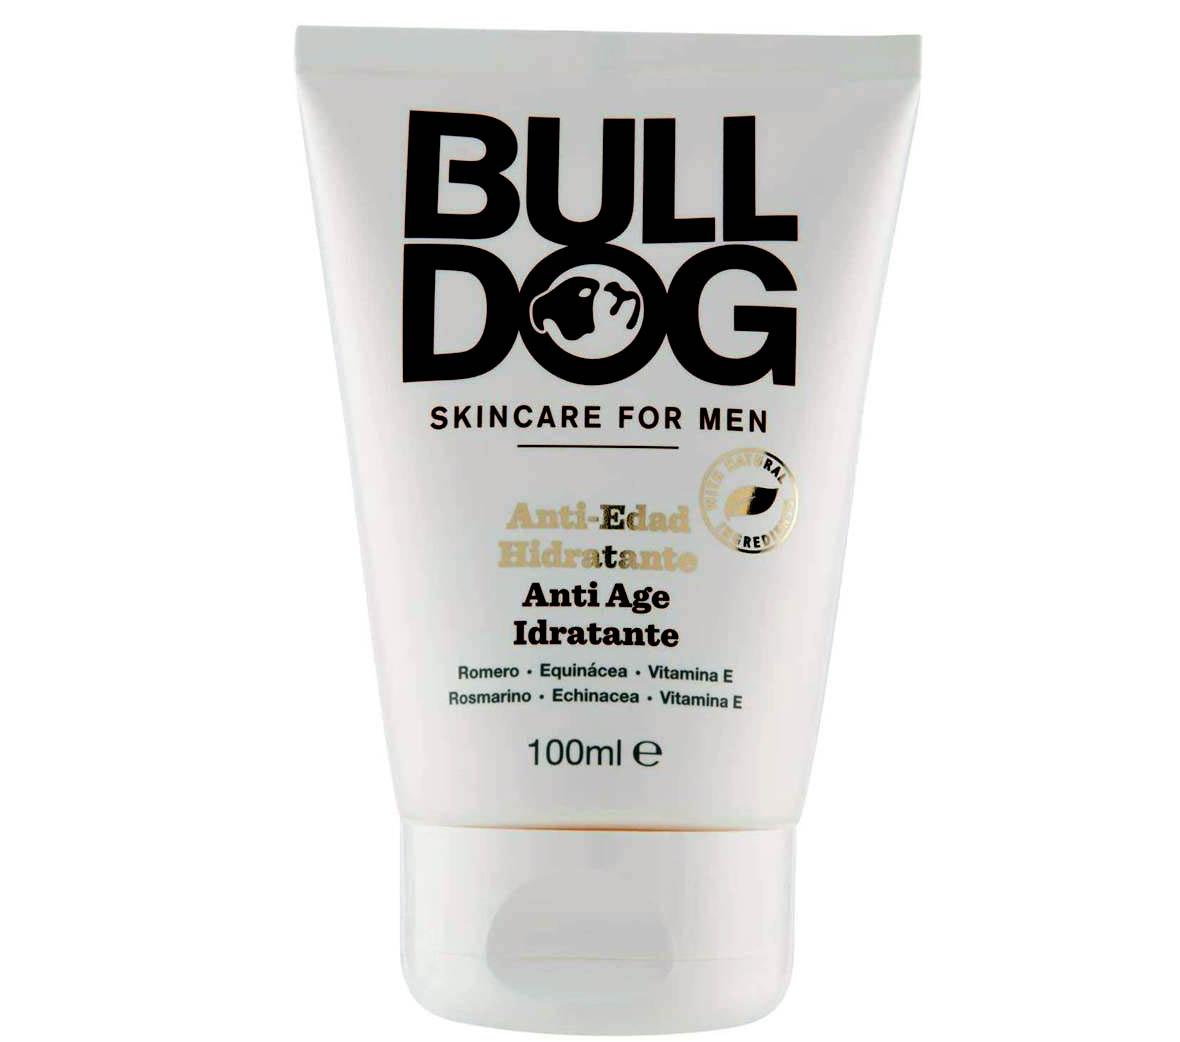 Crema antiarrugas para hombre Bulldog